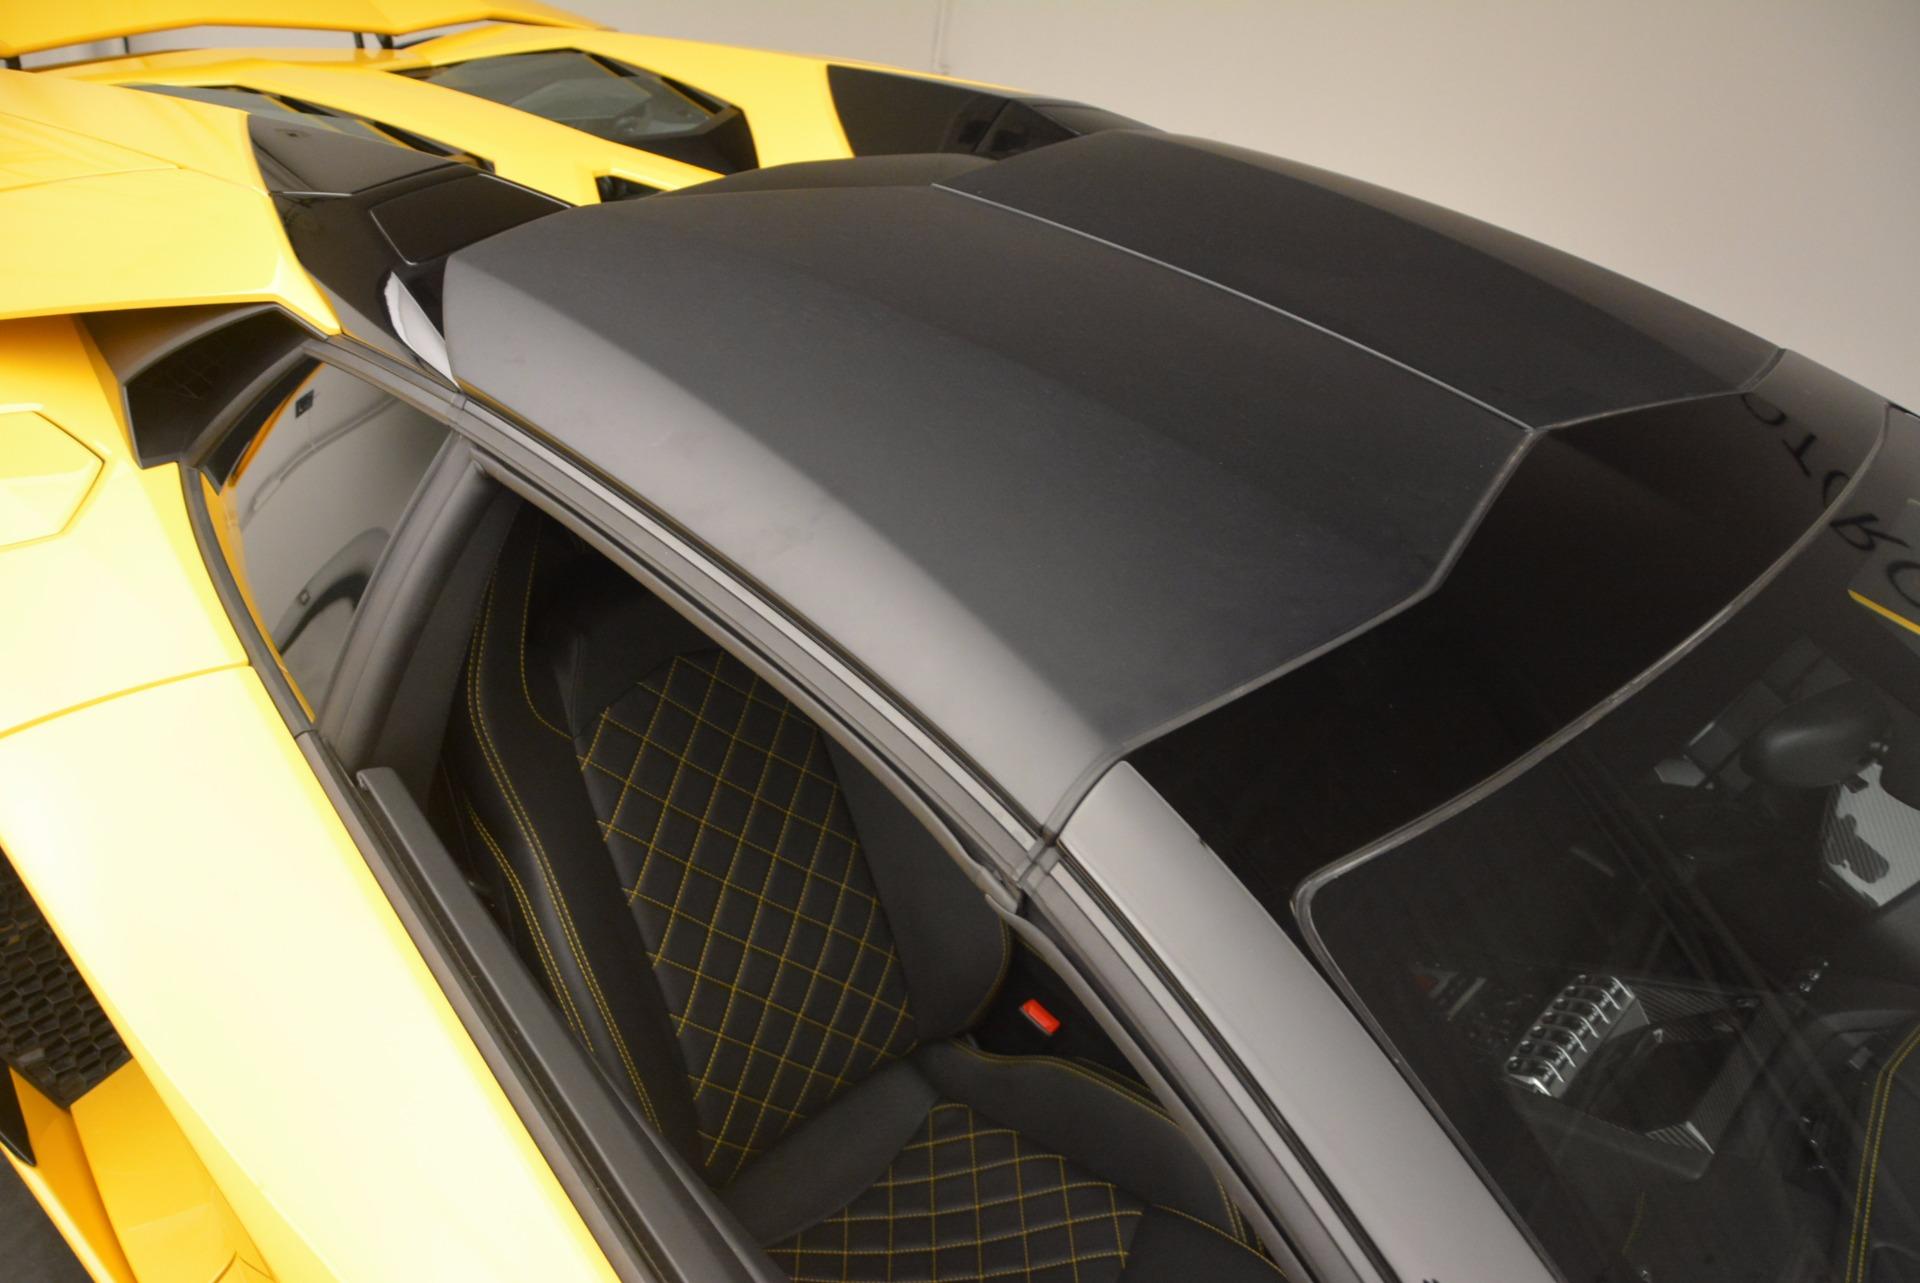 Used 2015 Lamborghini Aventador LP 700-4 Roadster For Sale In Greenwich, CT 1774_p29